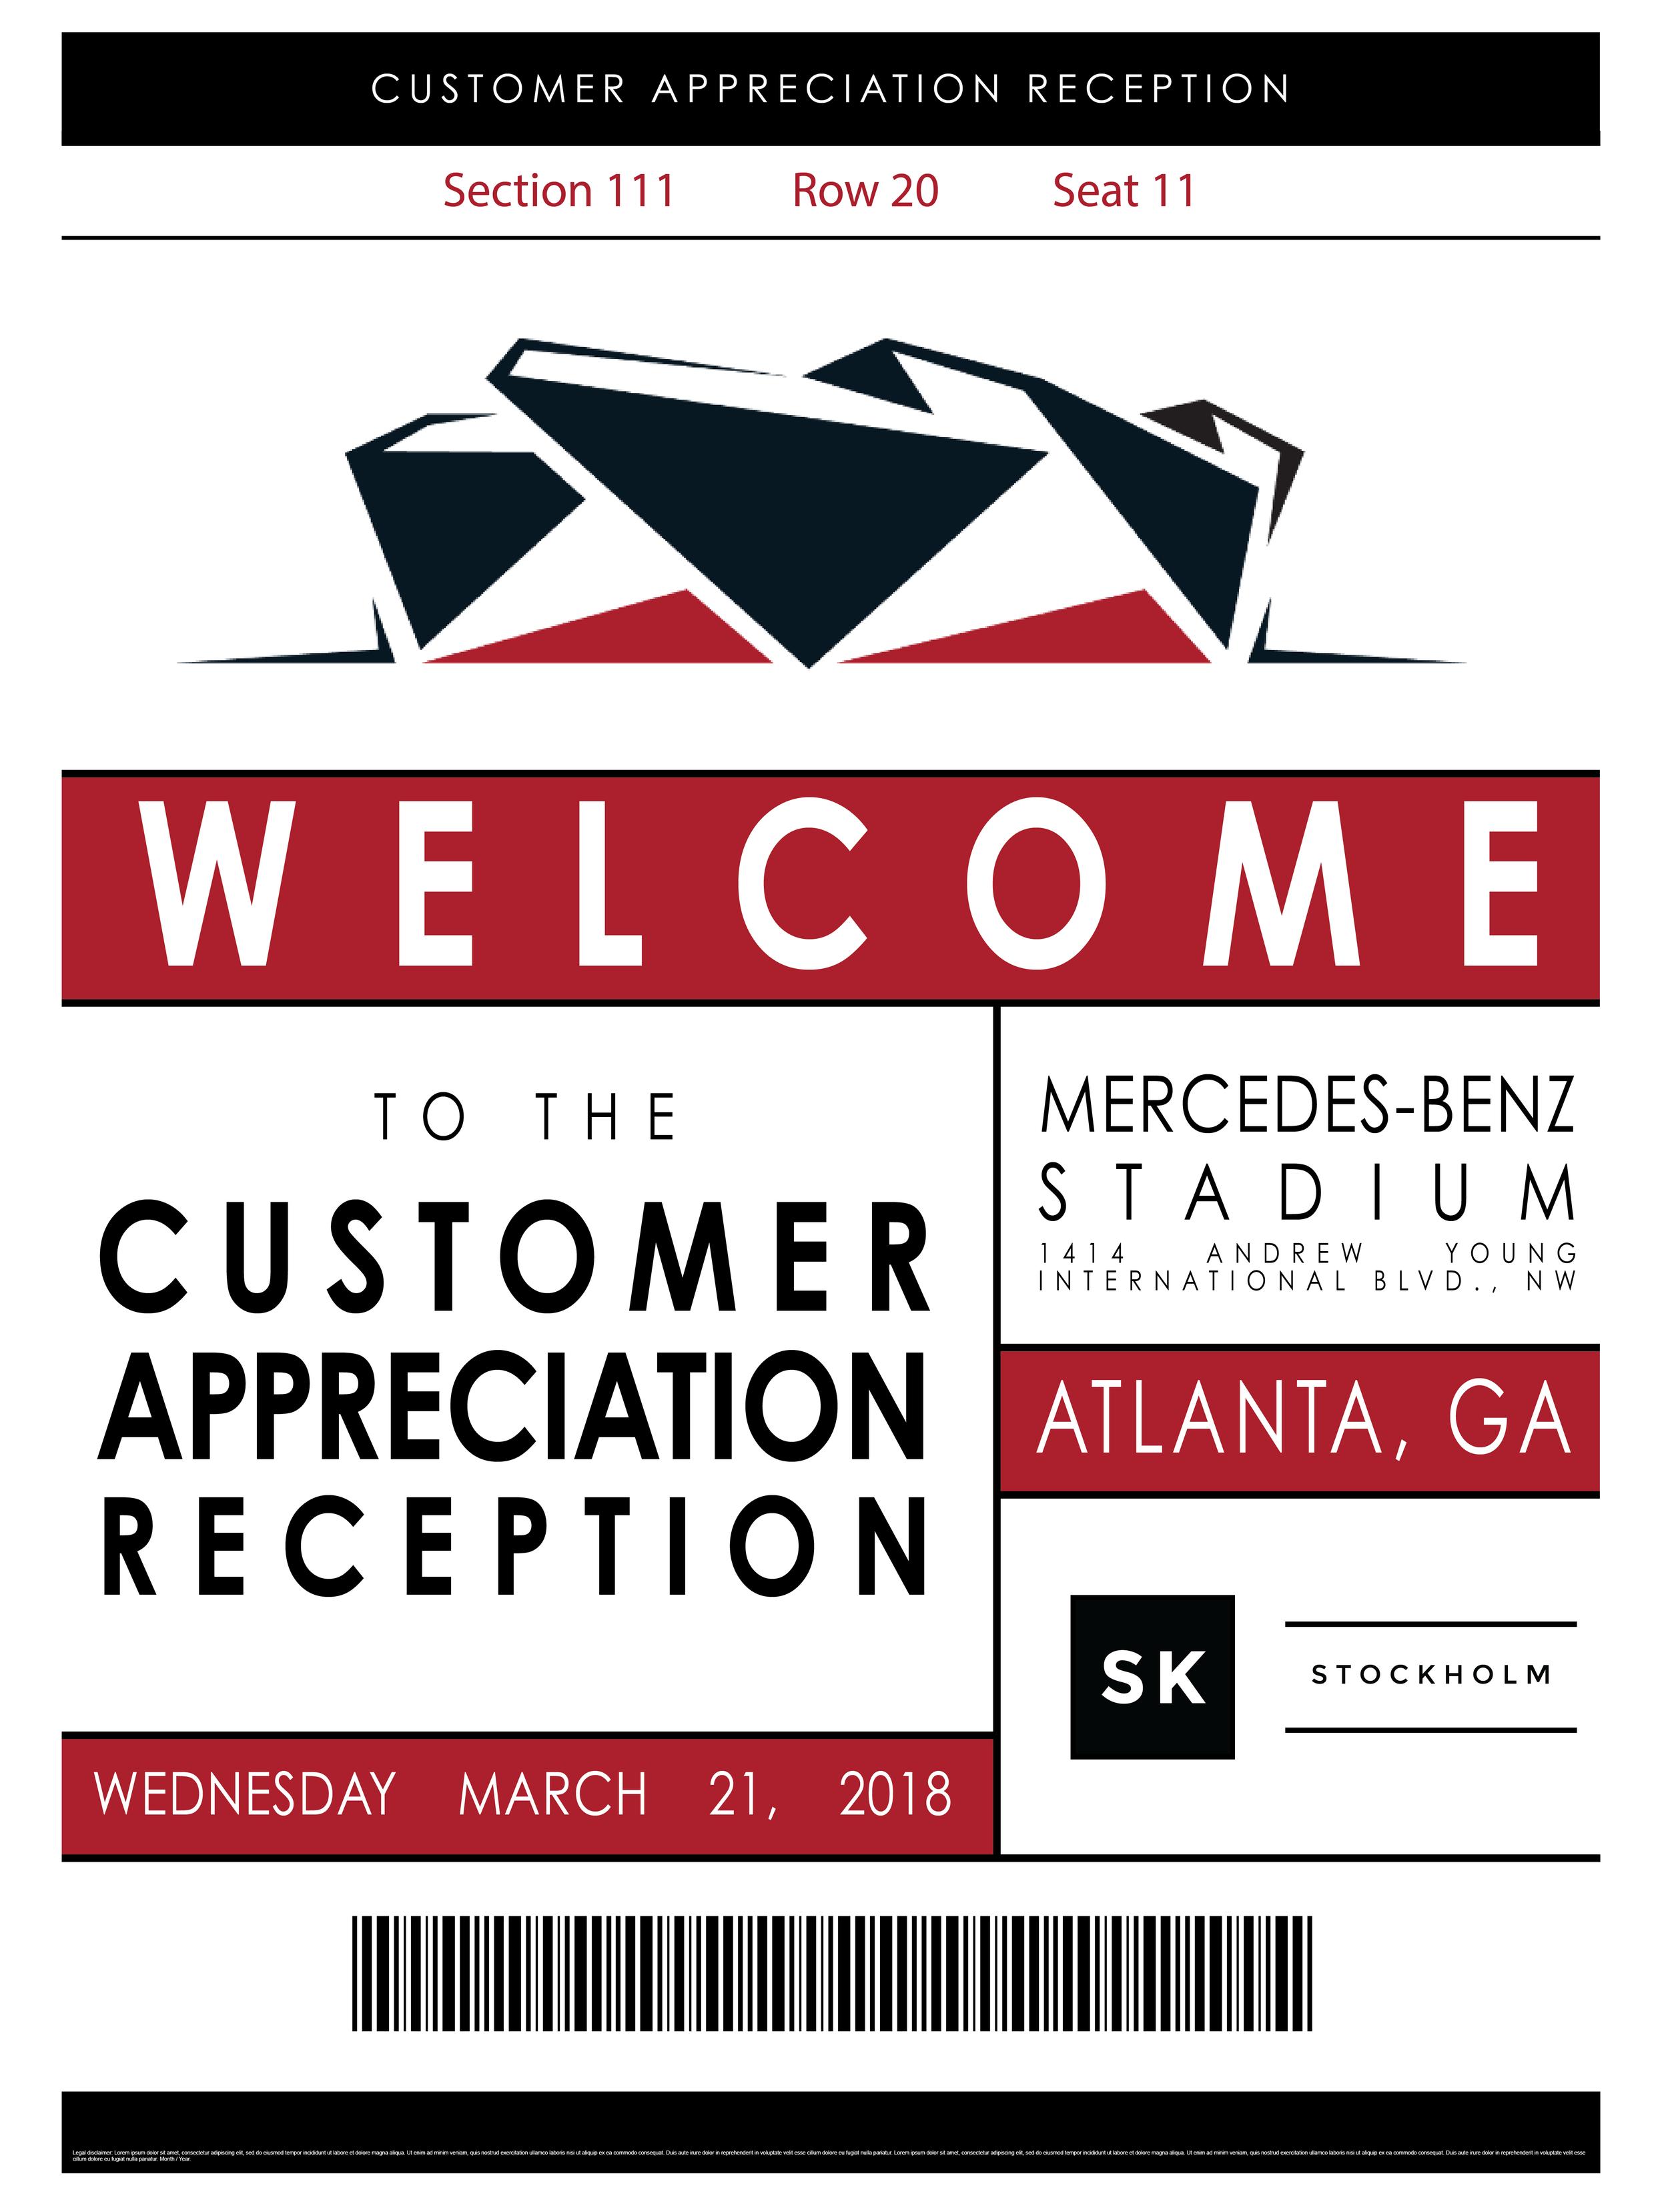 Atlanta_Expo_Poster-3b-01.png